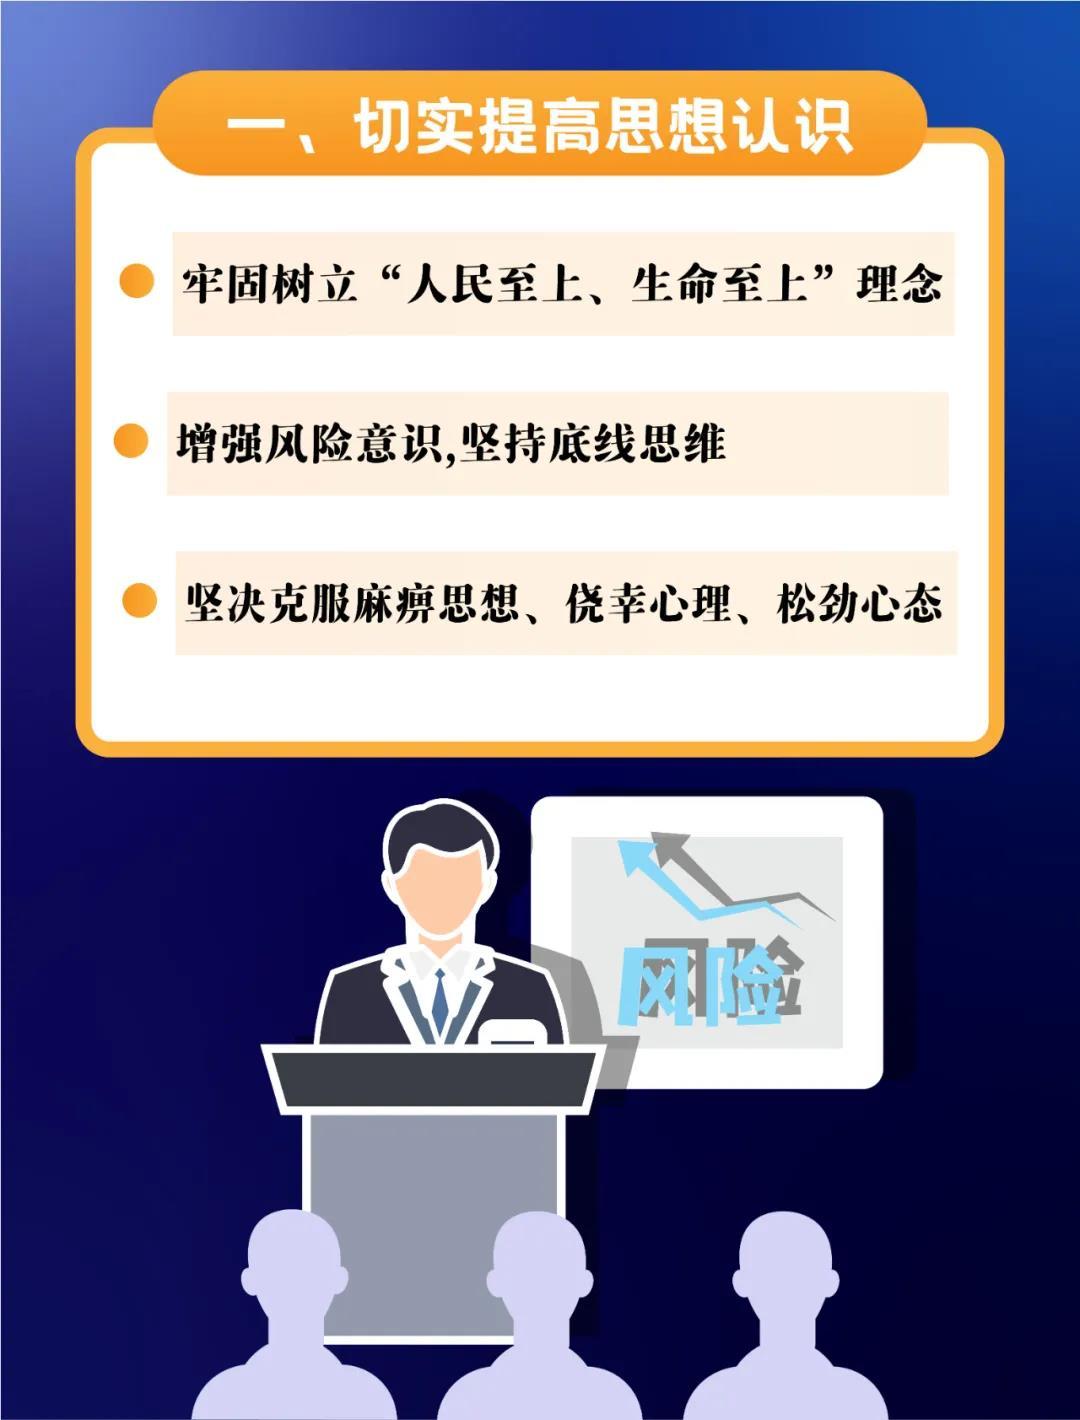 云南省文旅厅发布紧急通知